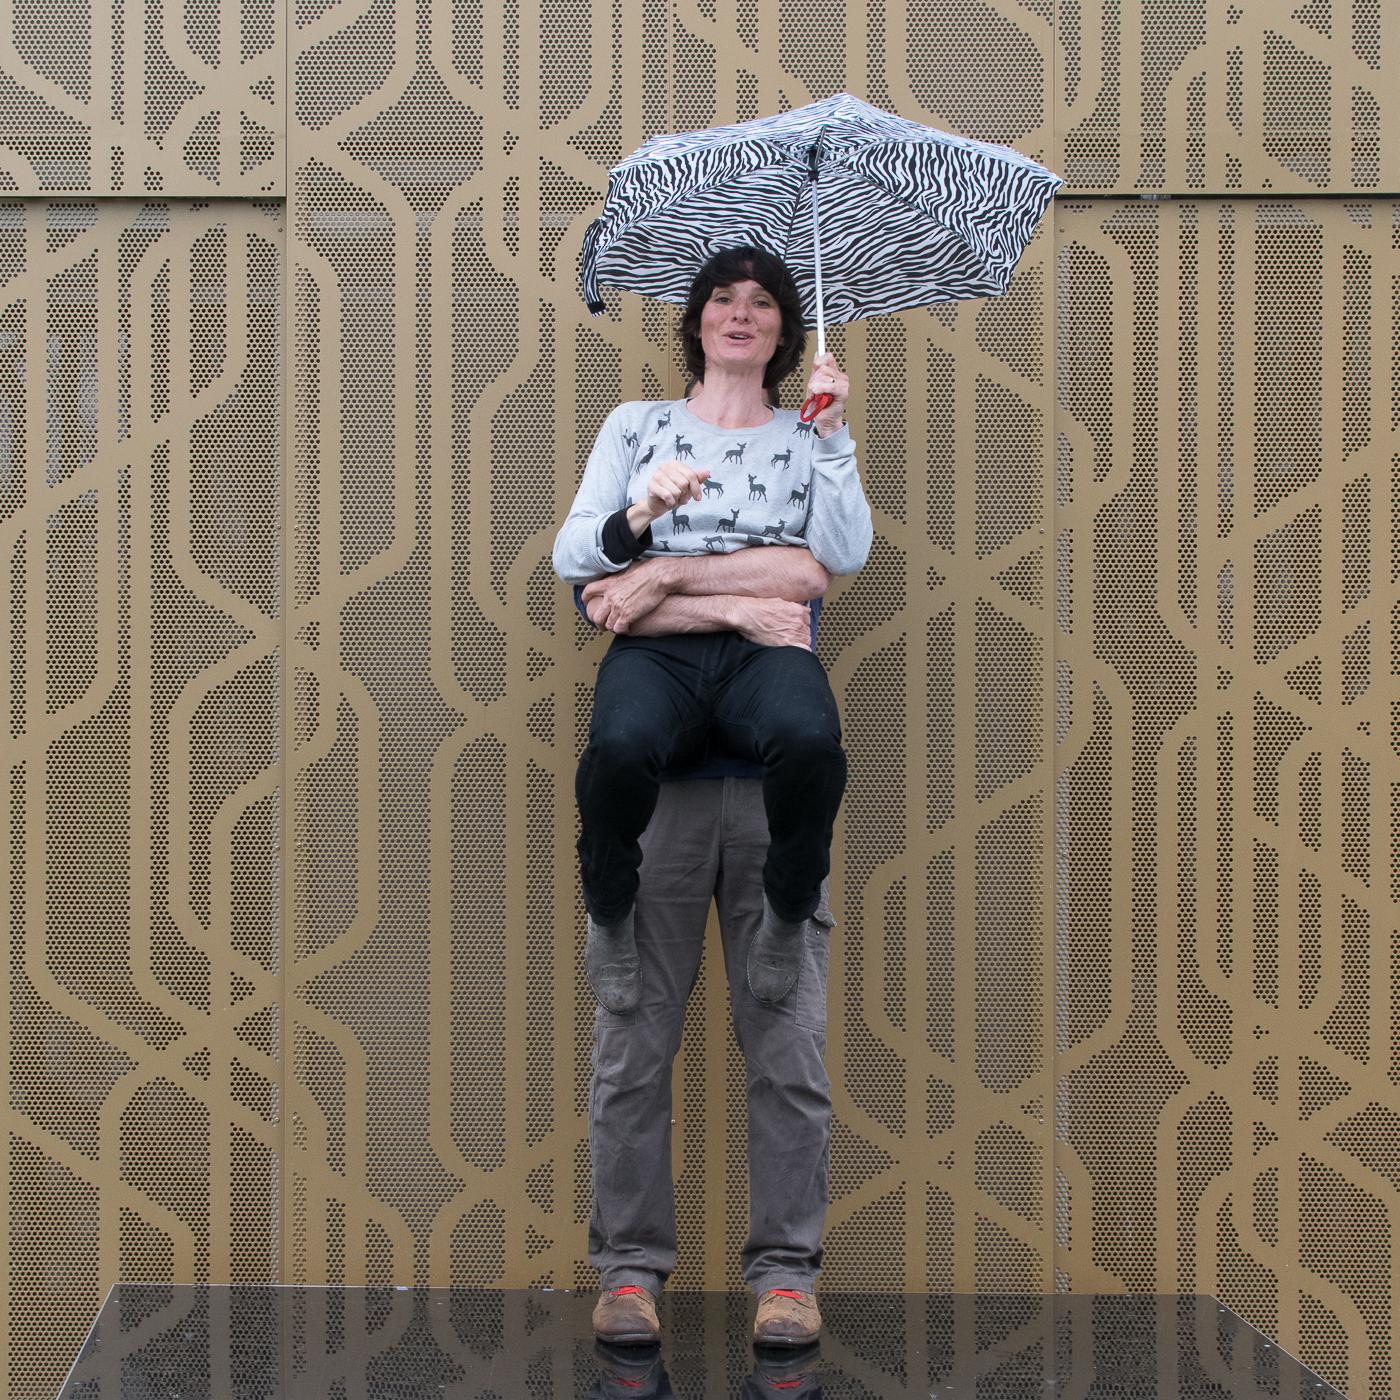 Parapluies_2016_-_Zèbre